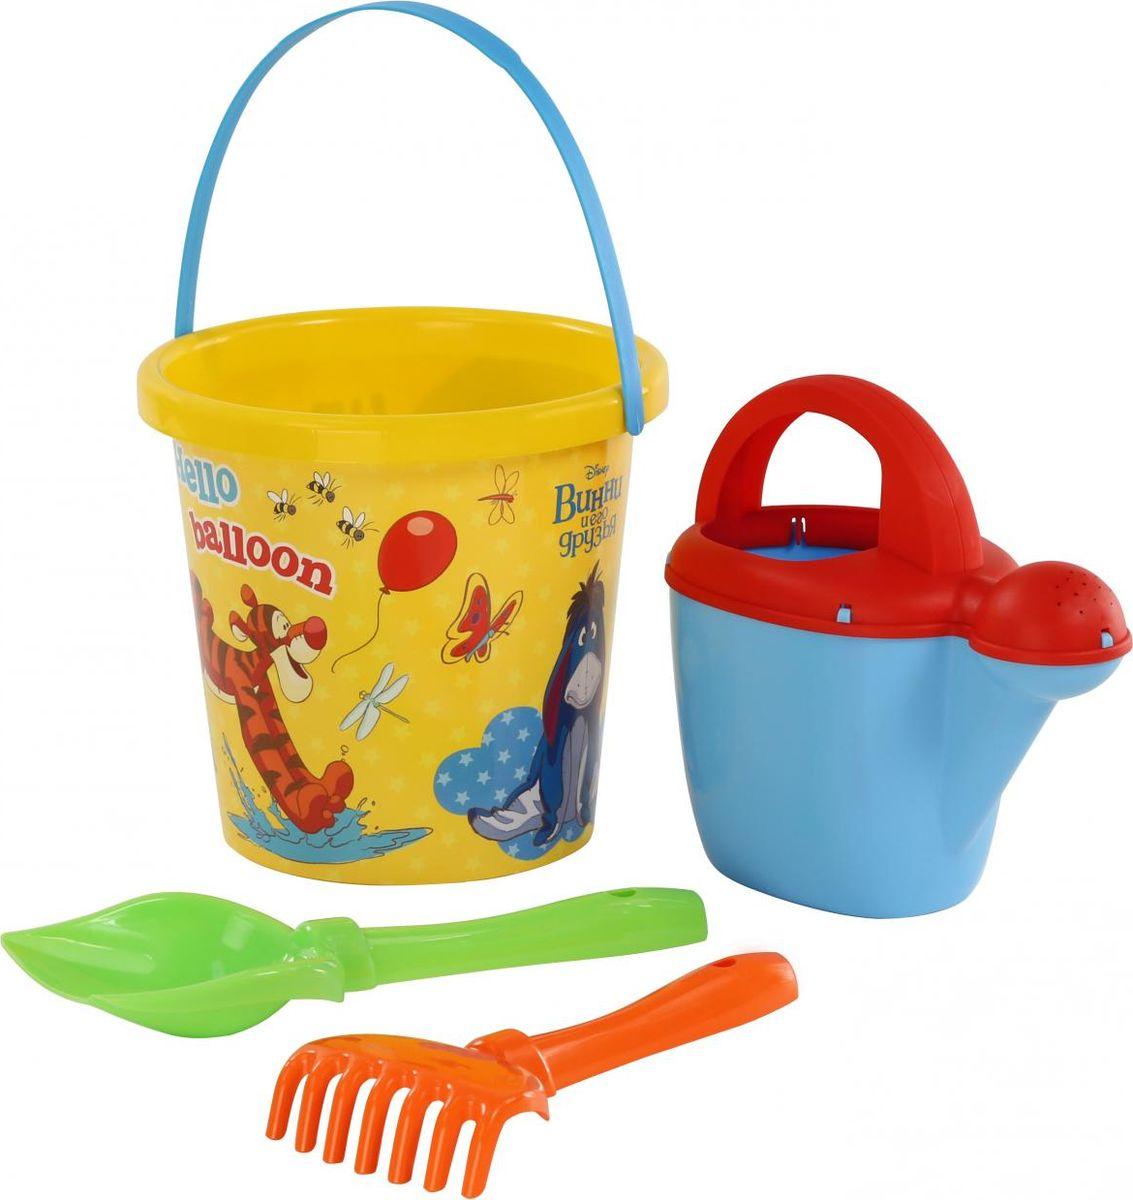 Disney Набор игрушек для песочницы Винни и его друзья №9, 4 предмета, цвет в ассортименте disney набор игрушек для песочницы винни и его друзья 4